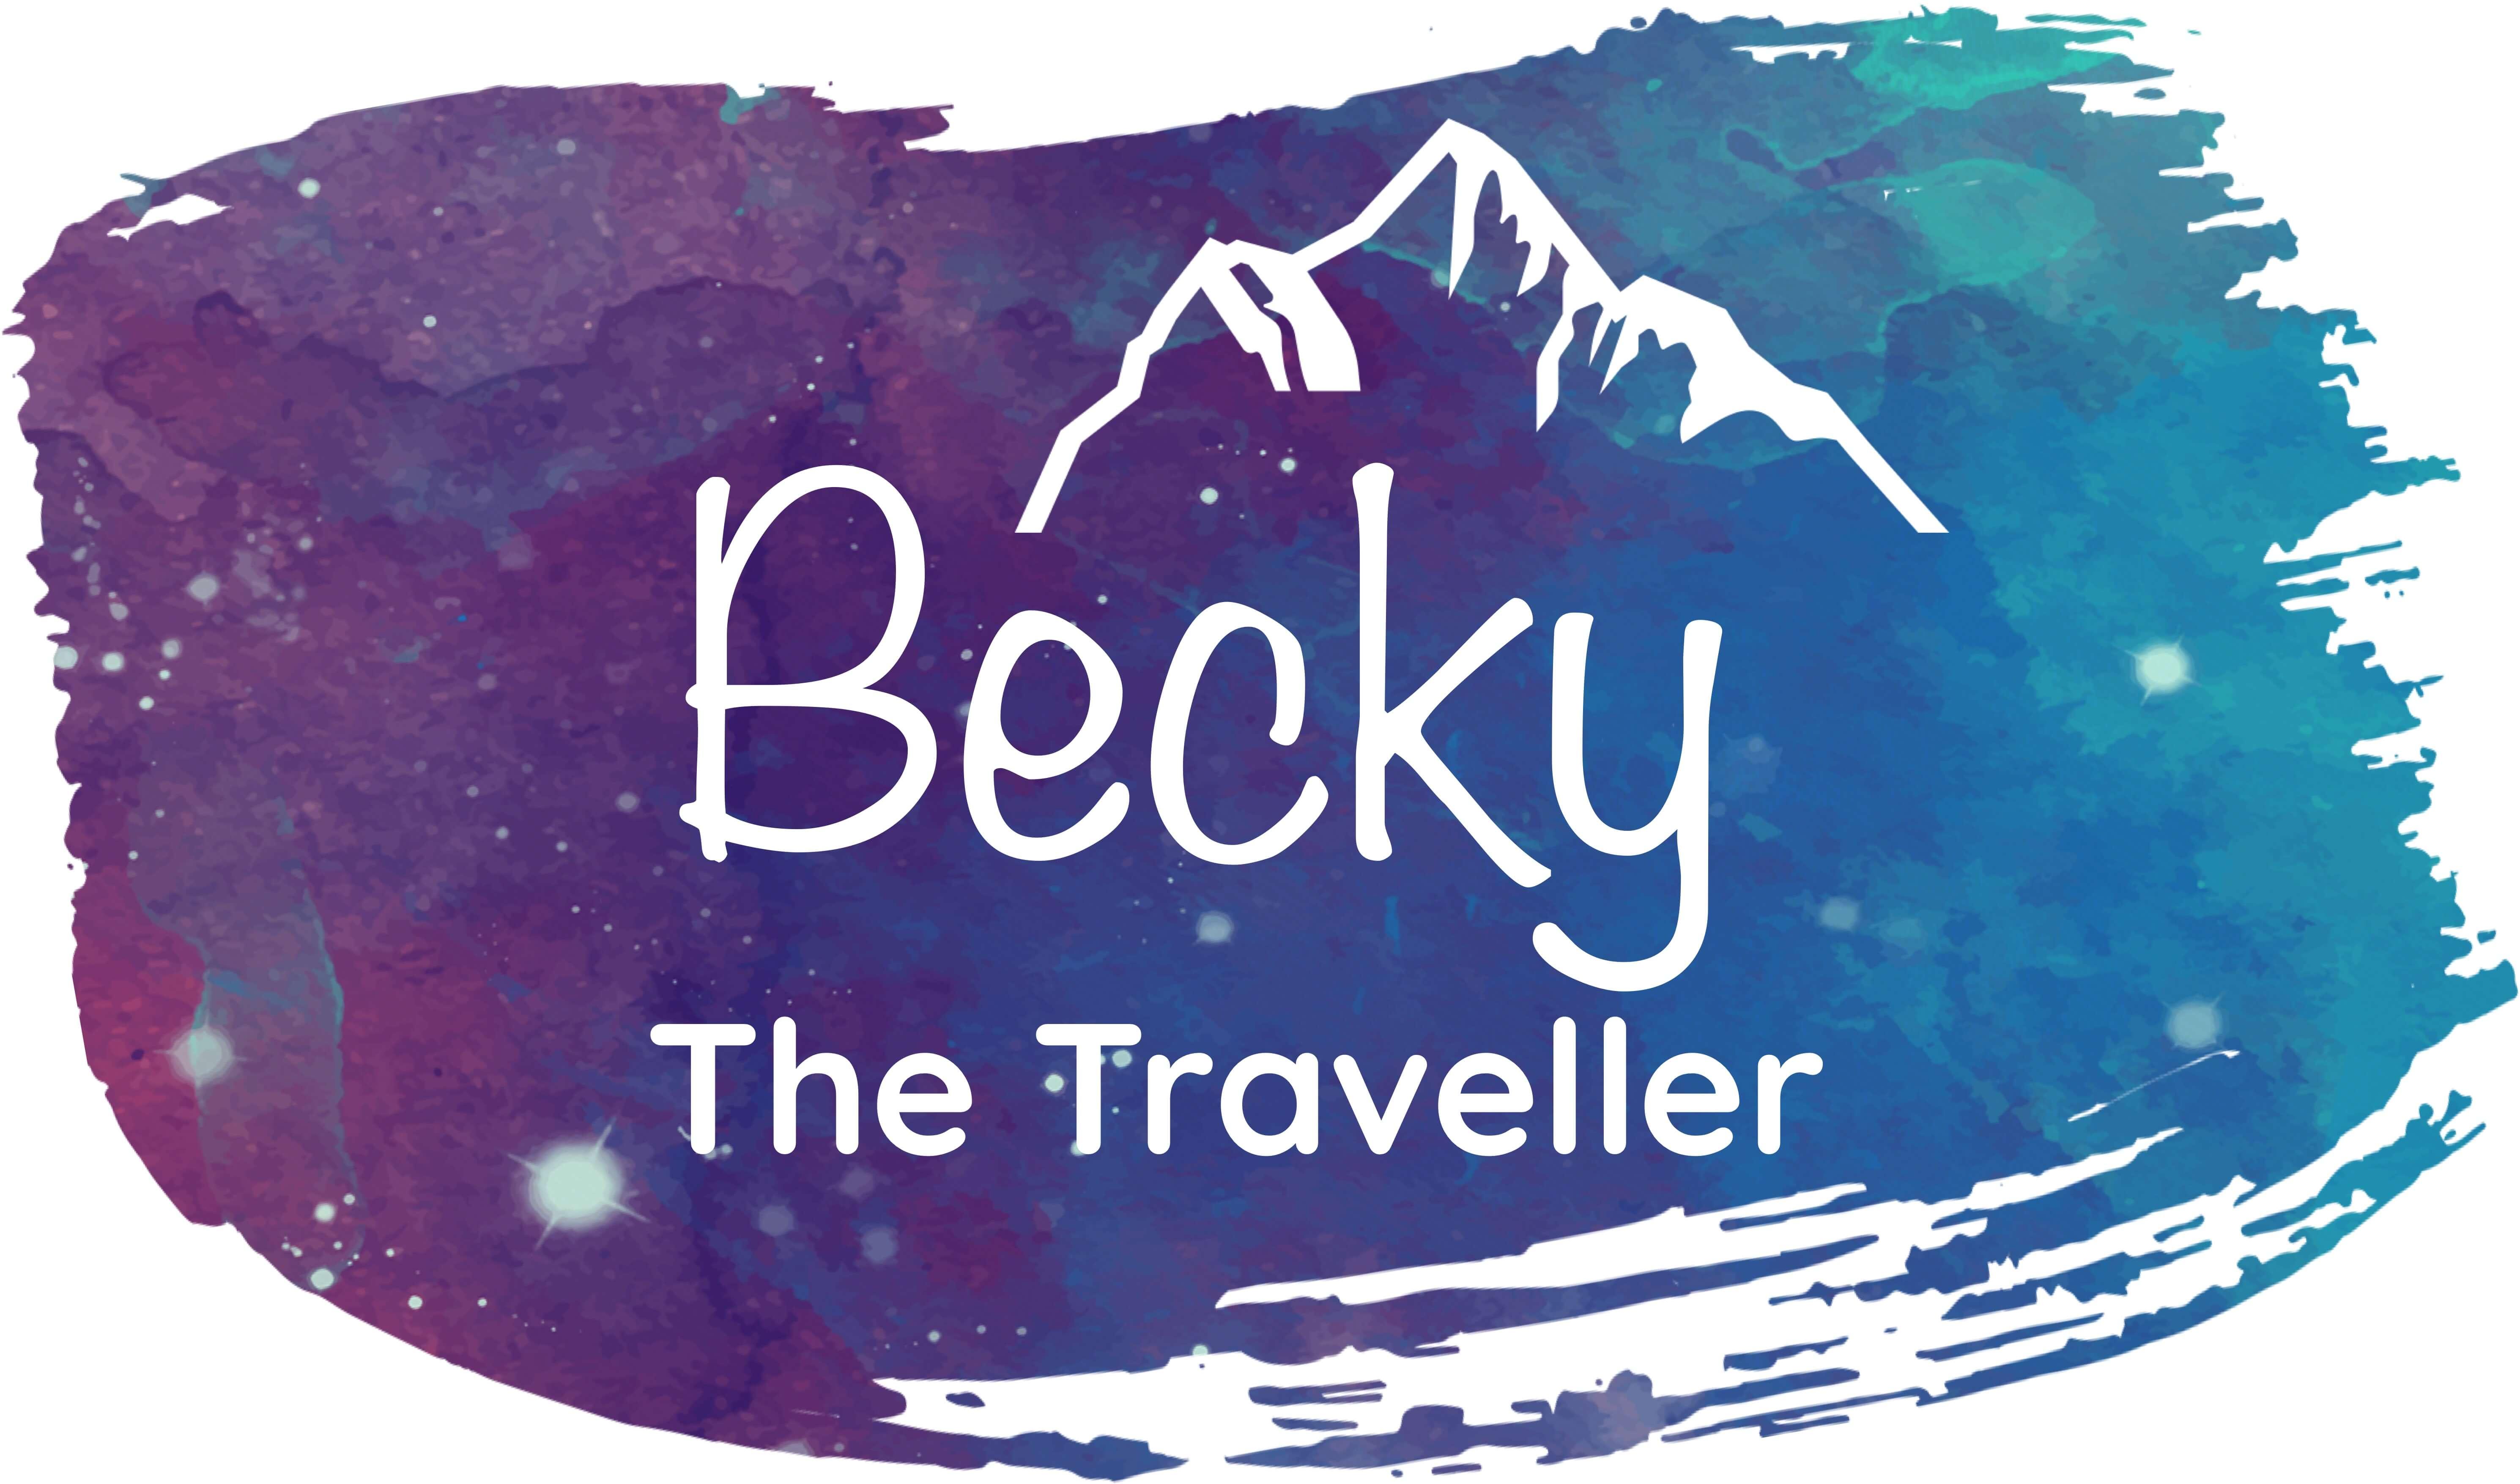 Becky the Traveller